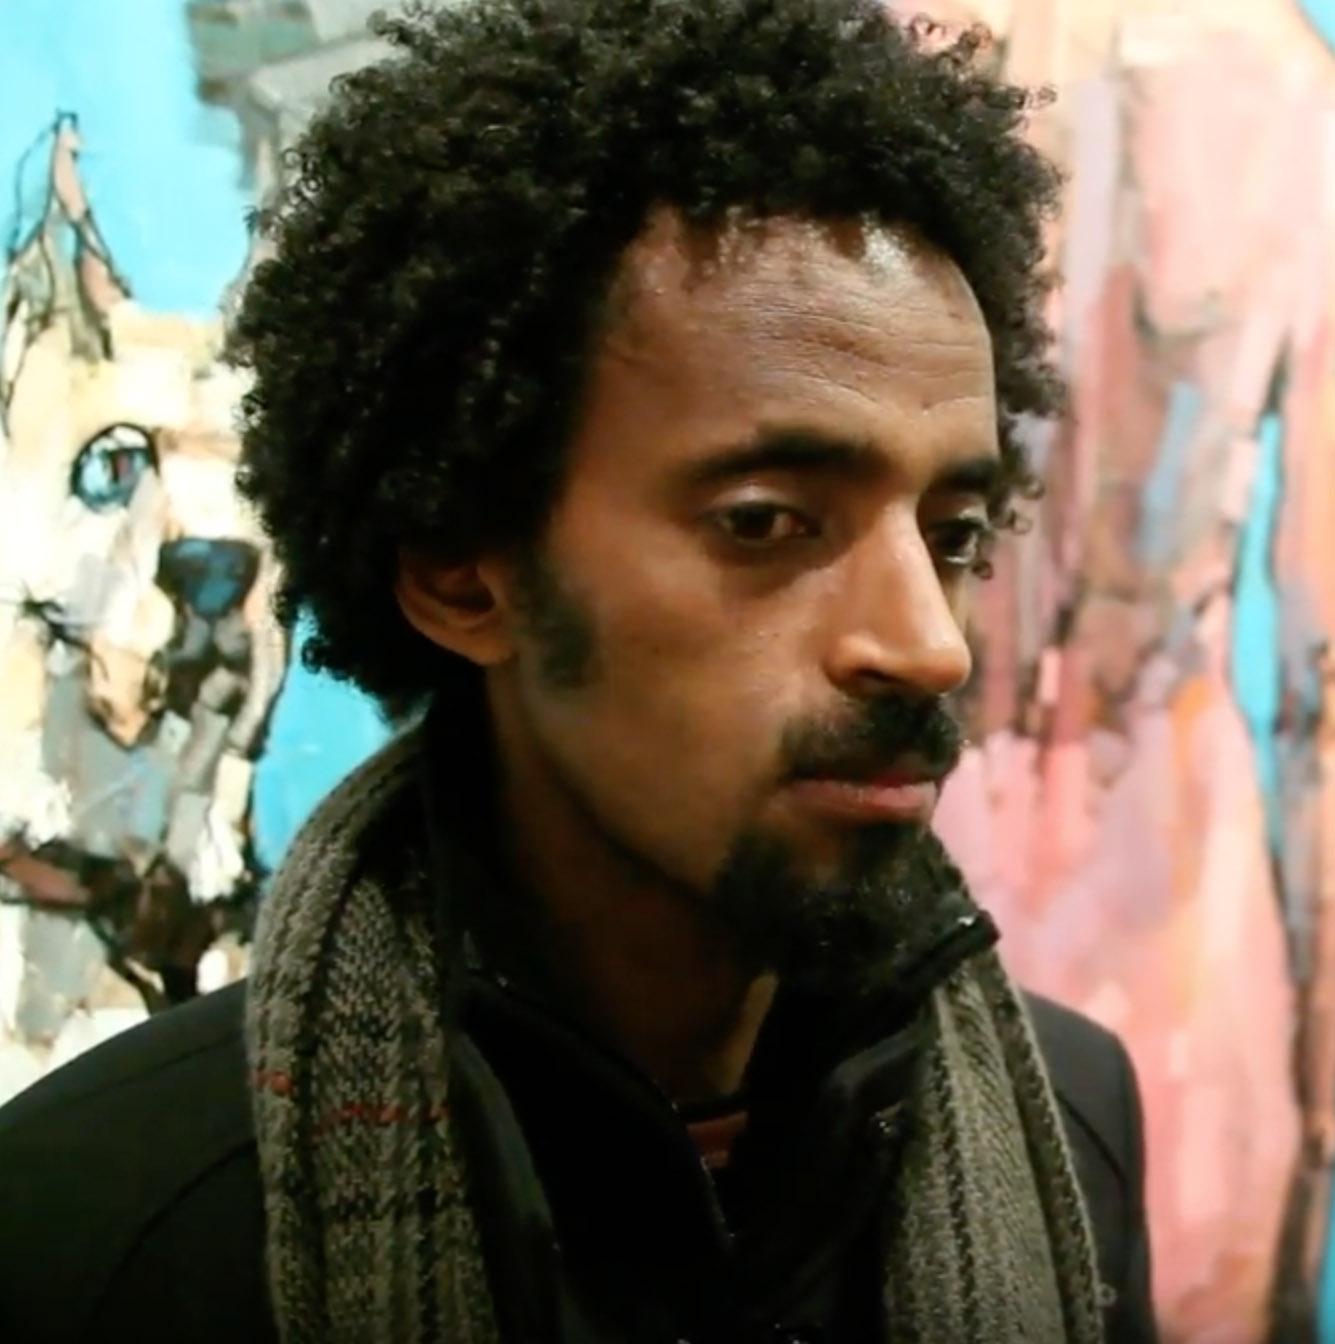 Dawit in London